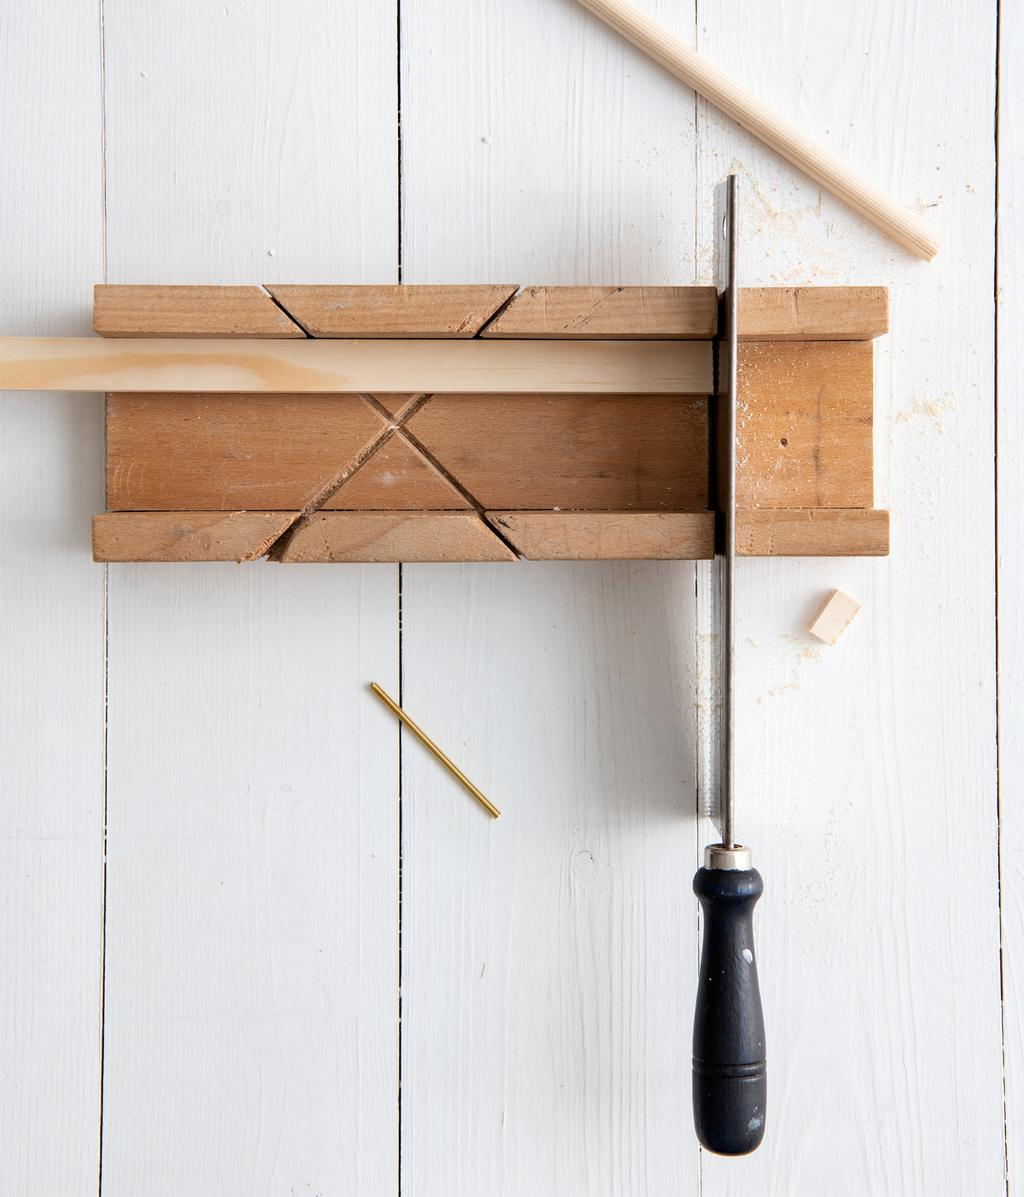 DIY strakke handgrepen | vtwonen 02-2020